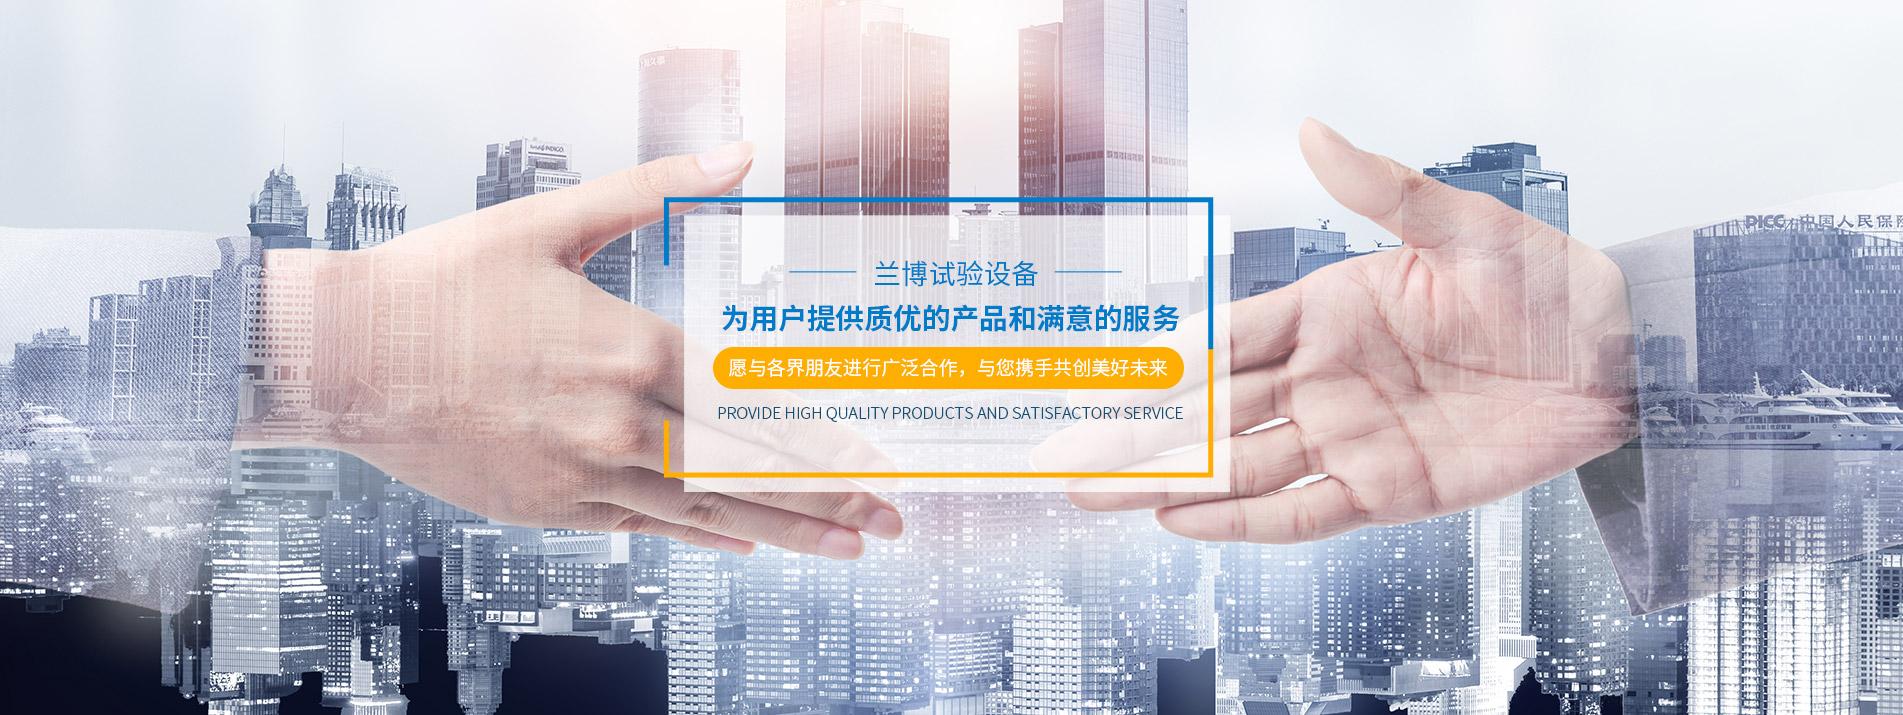 无锡市手机亚游APP试验设备有限公司